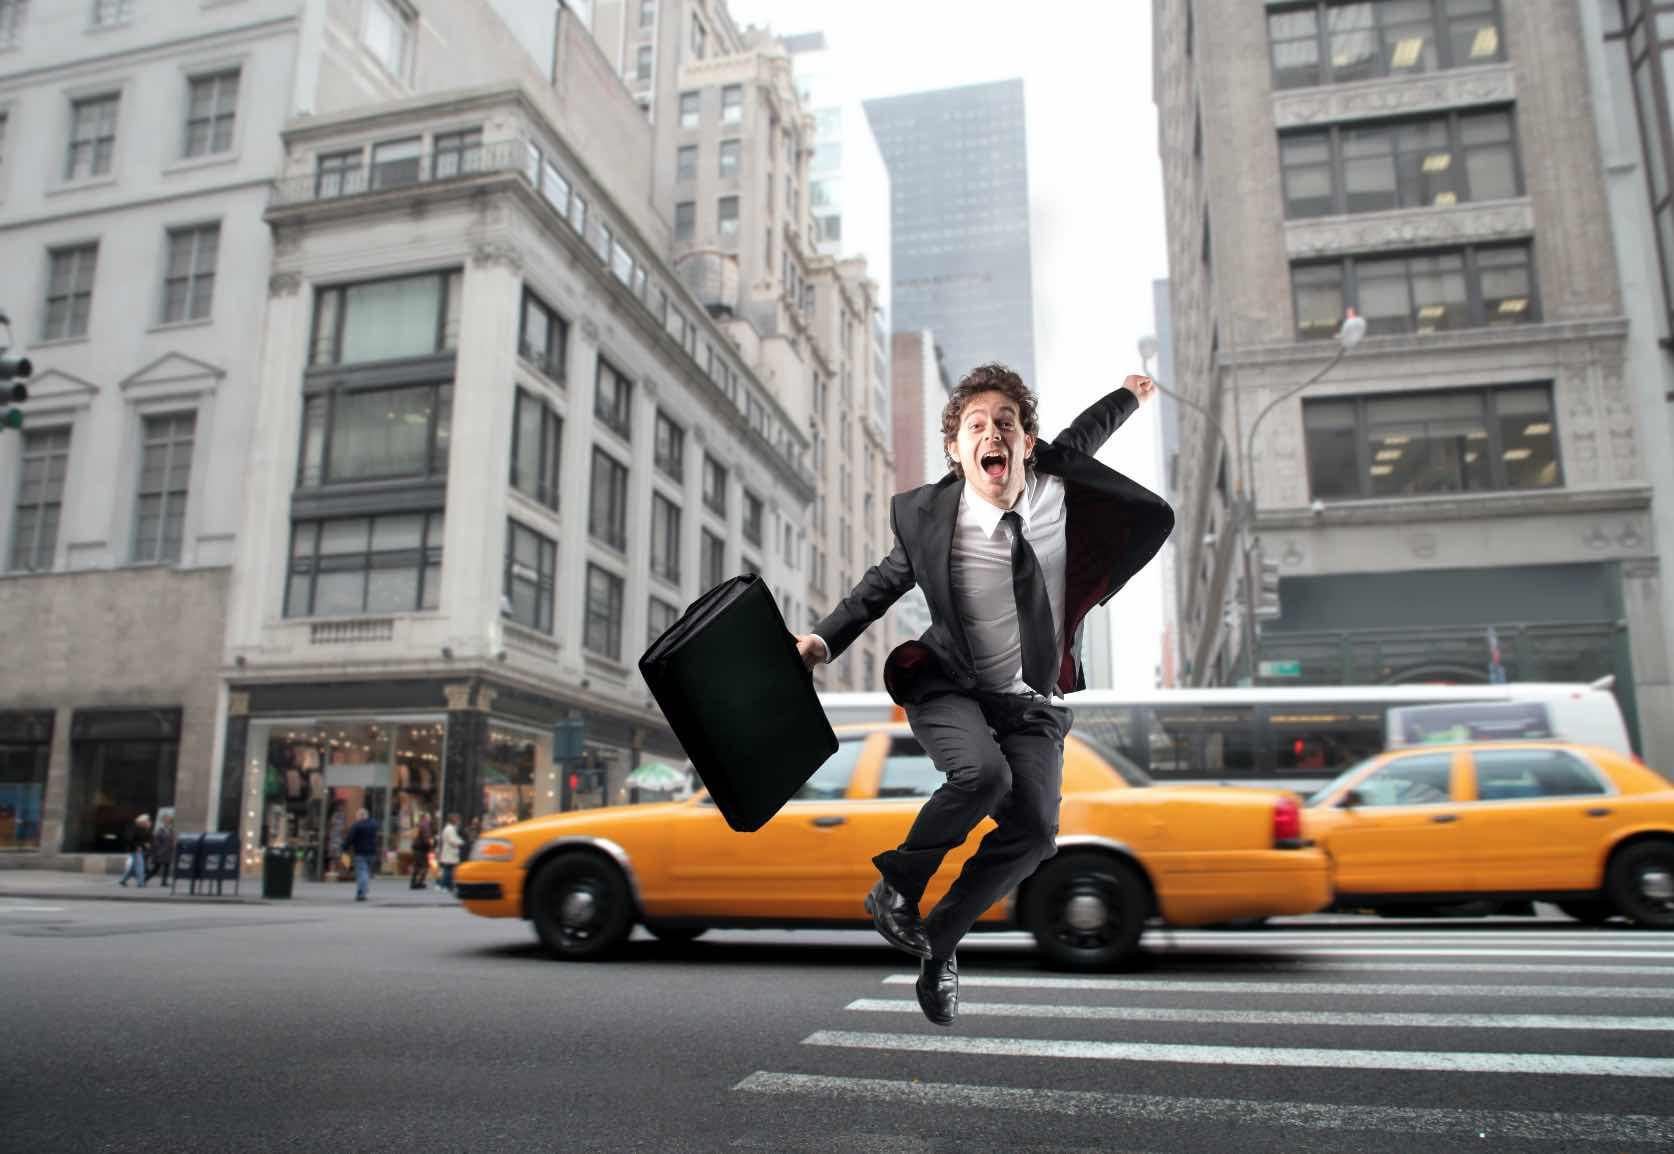 Mercados de 2 Lados: Uber, Netflix, Amazon e Playstation